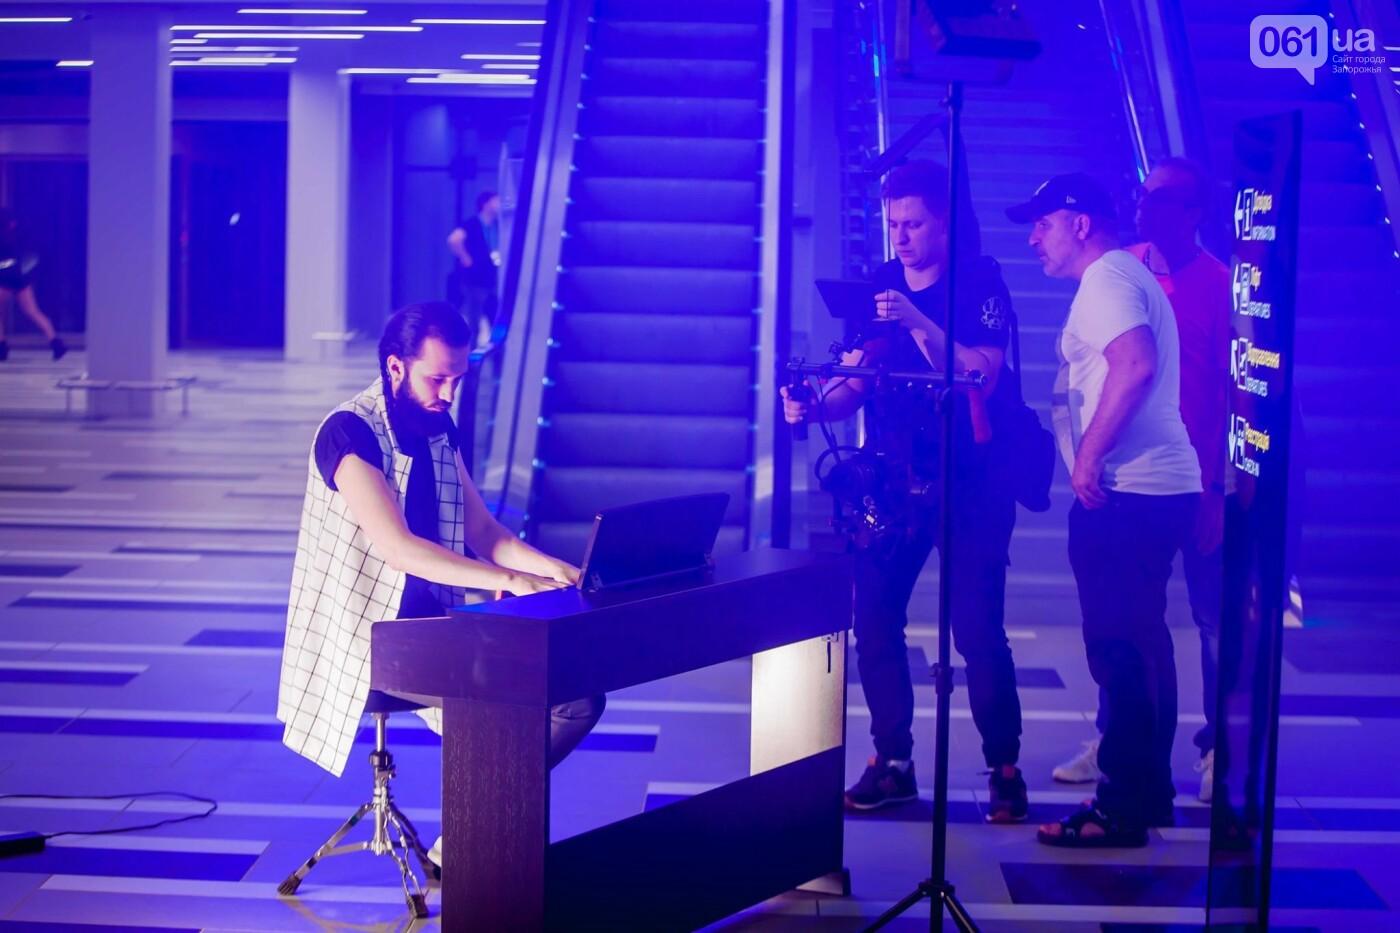 В новом терминале запорожского аэропорта сняли музыкальный клип , фото-2